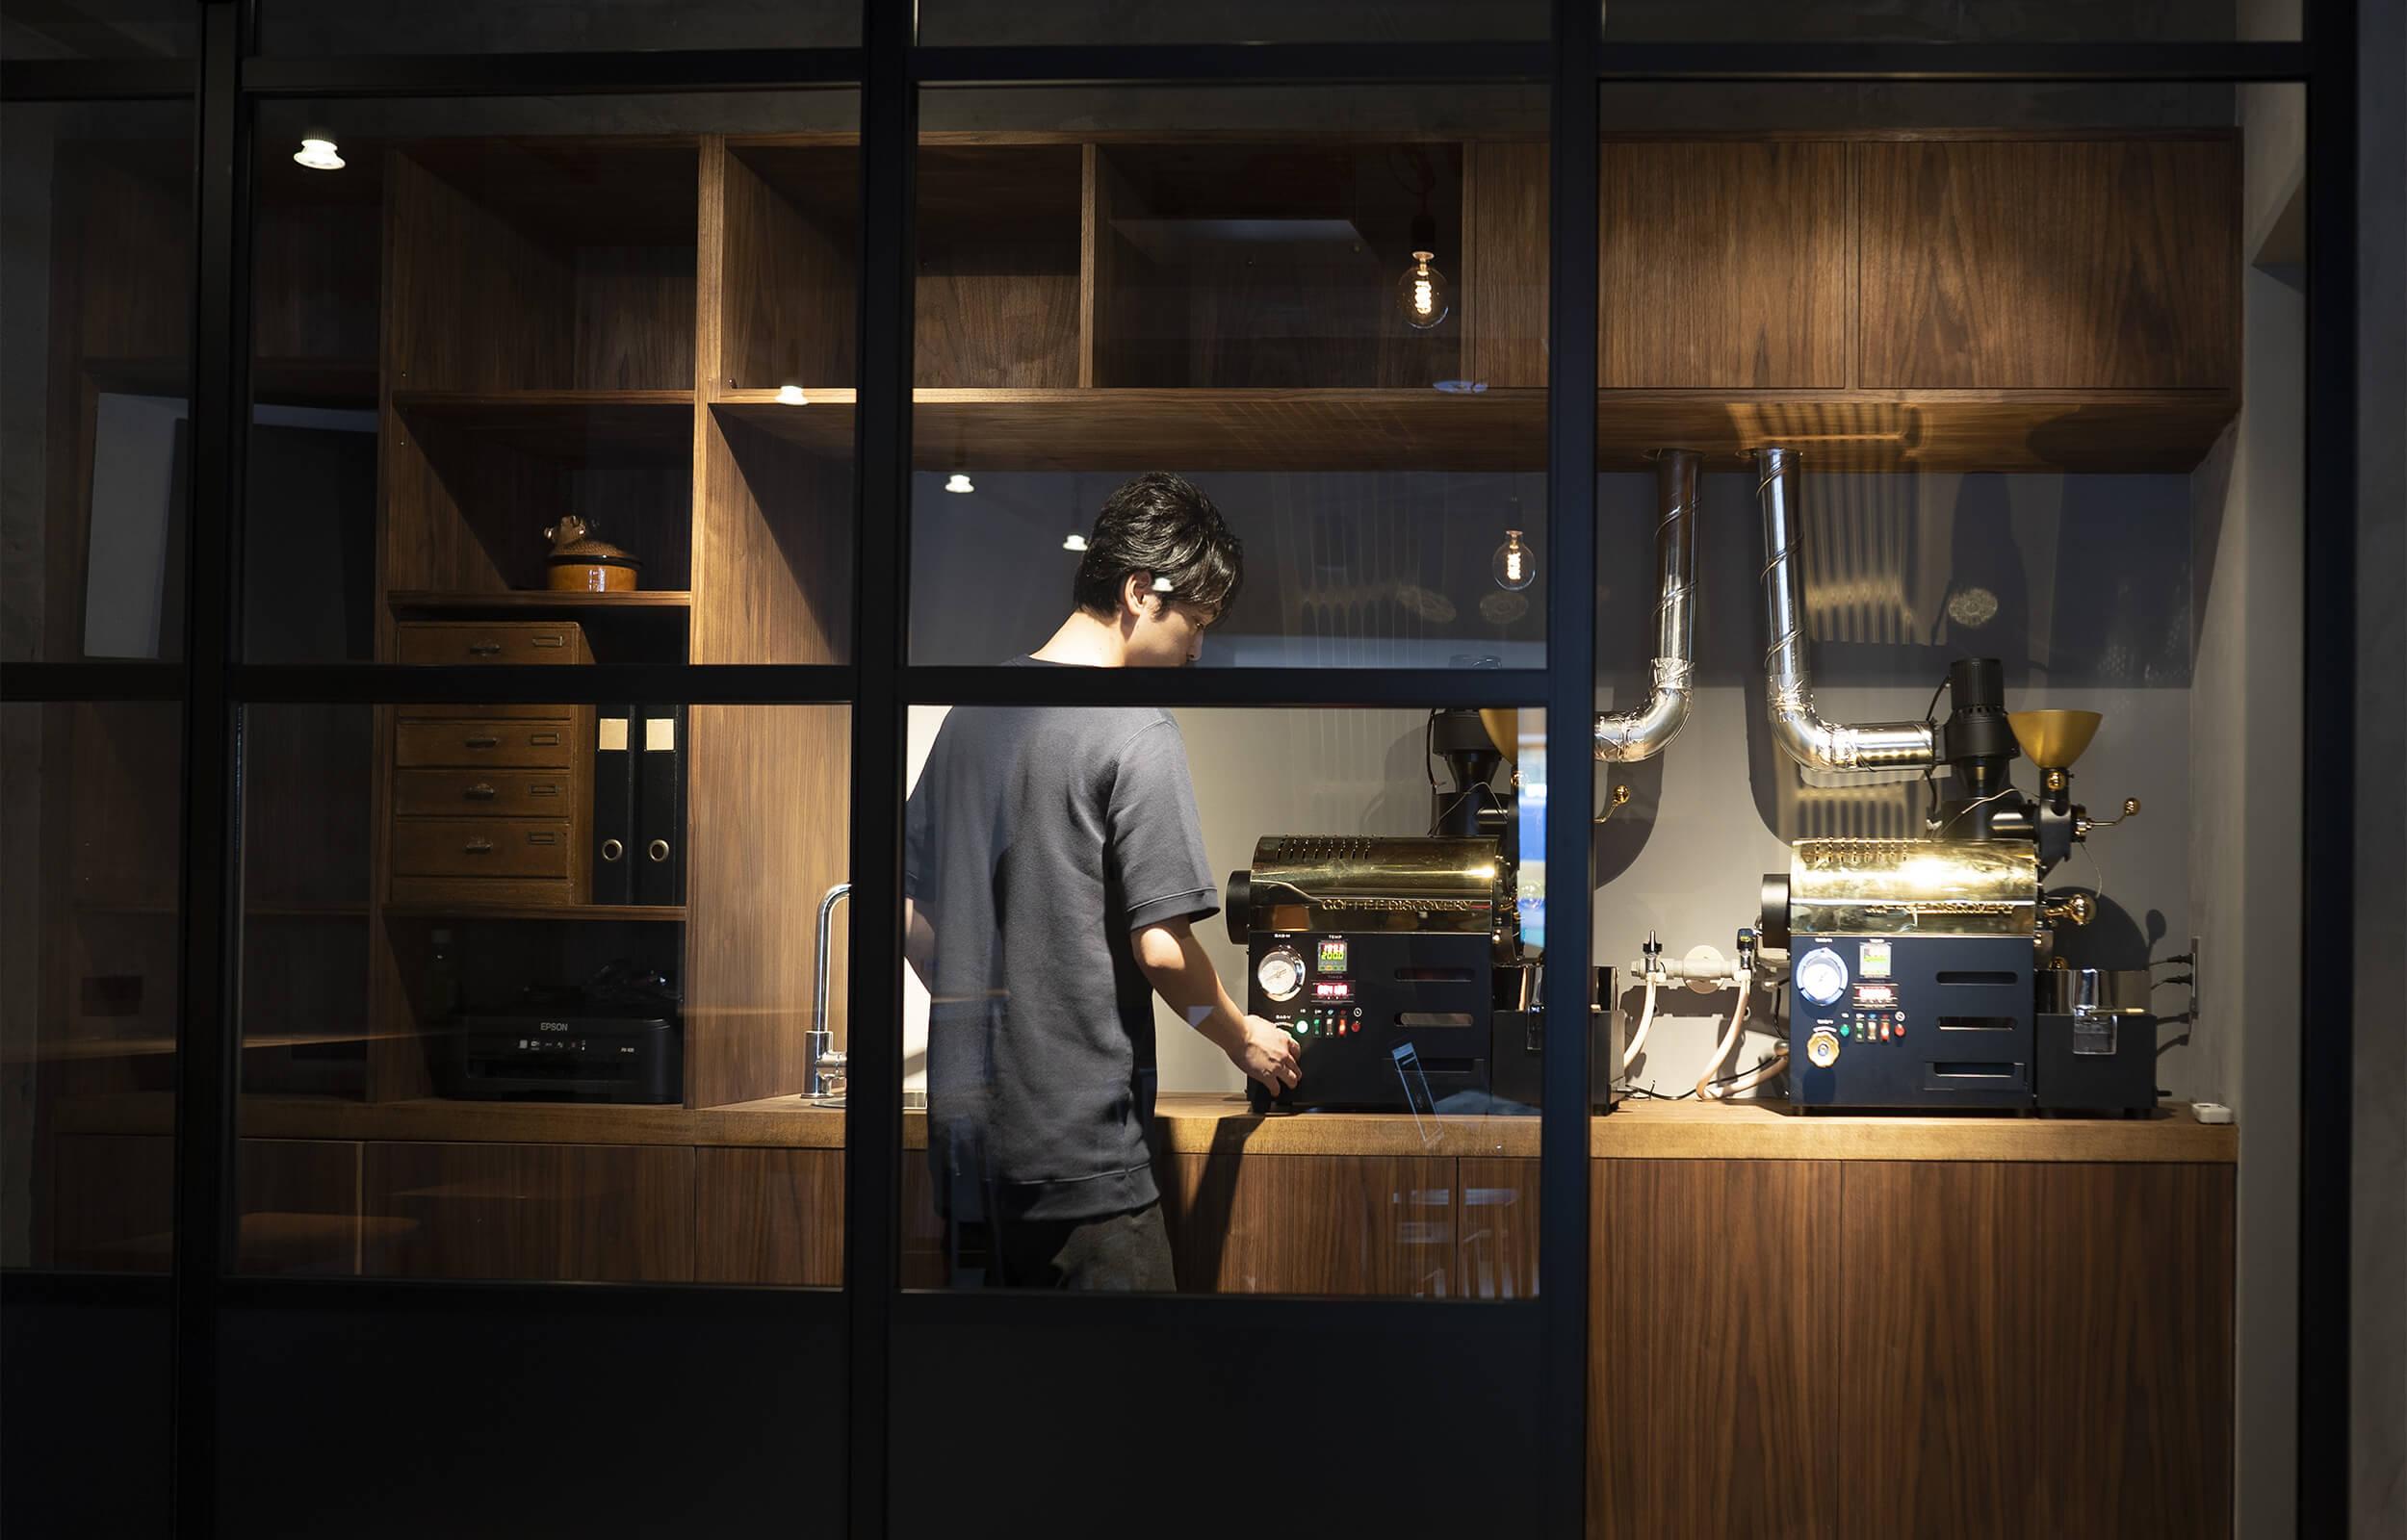 beasty-coffee-cafe-laboratory-%ef%bc%88%e3%83%92%e3%82%99%e3%83%bc%e3%82%b9%e3%83%86%e3%82%a3%e3%83%bc%e3%82%b3%e3%83%bc%e3%83%92%e3%83%bc-%e3%82%ab%e3%83%95%e3%82%a7%e3%83%a9%e3%83%9b%e3%82%99-9